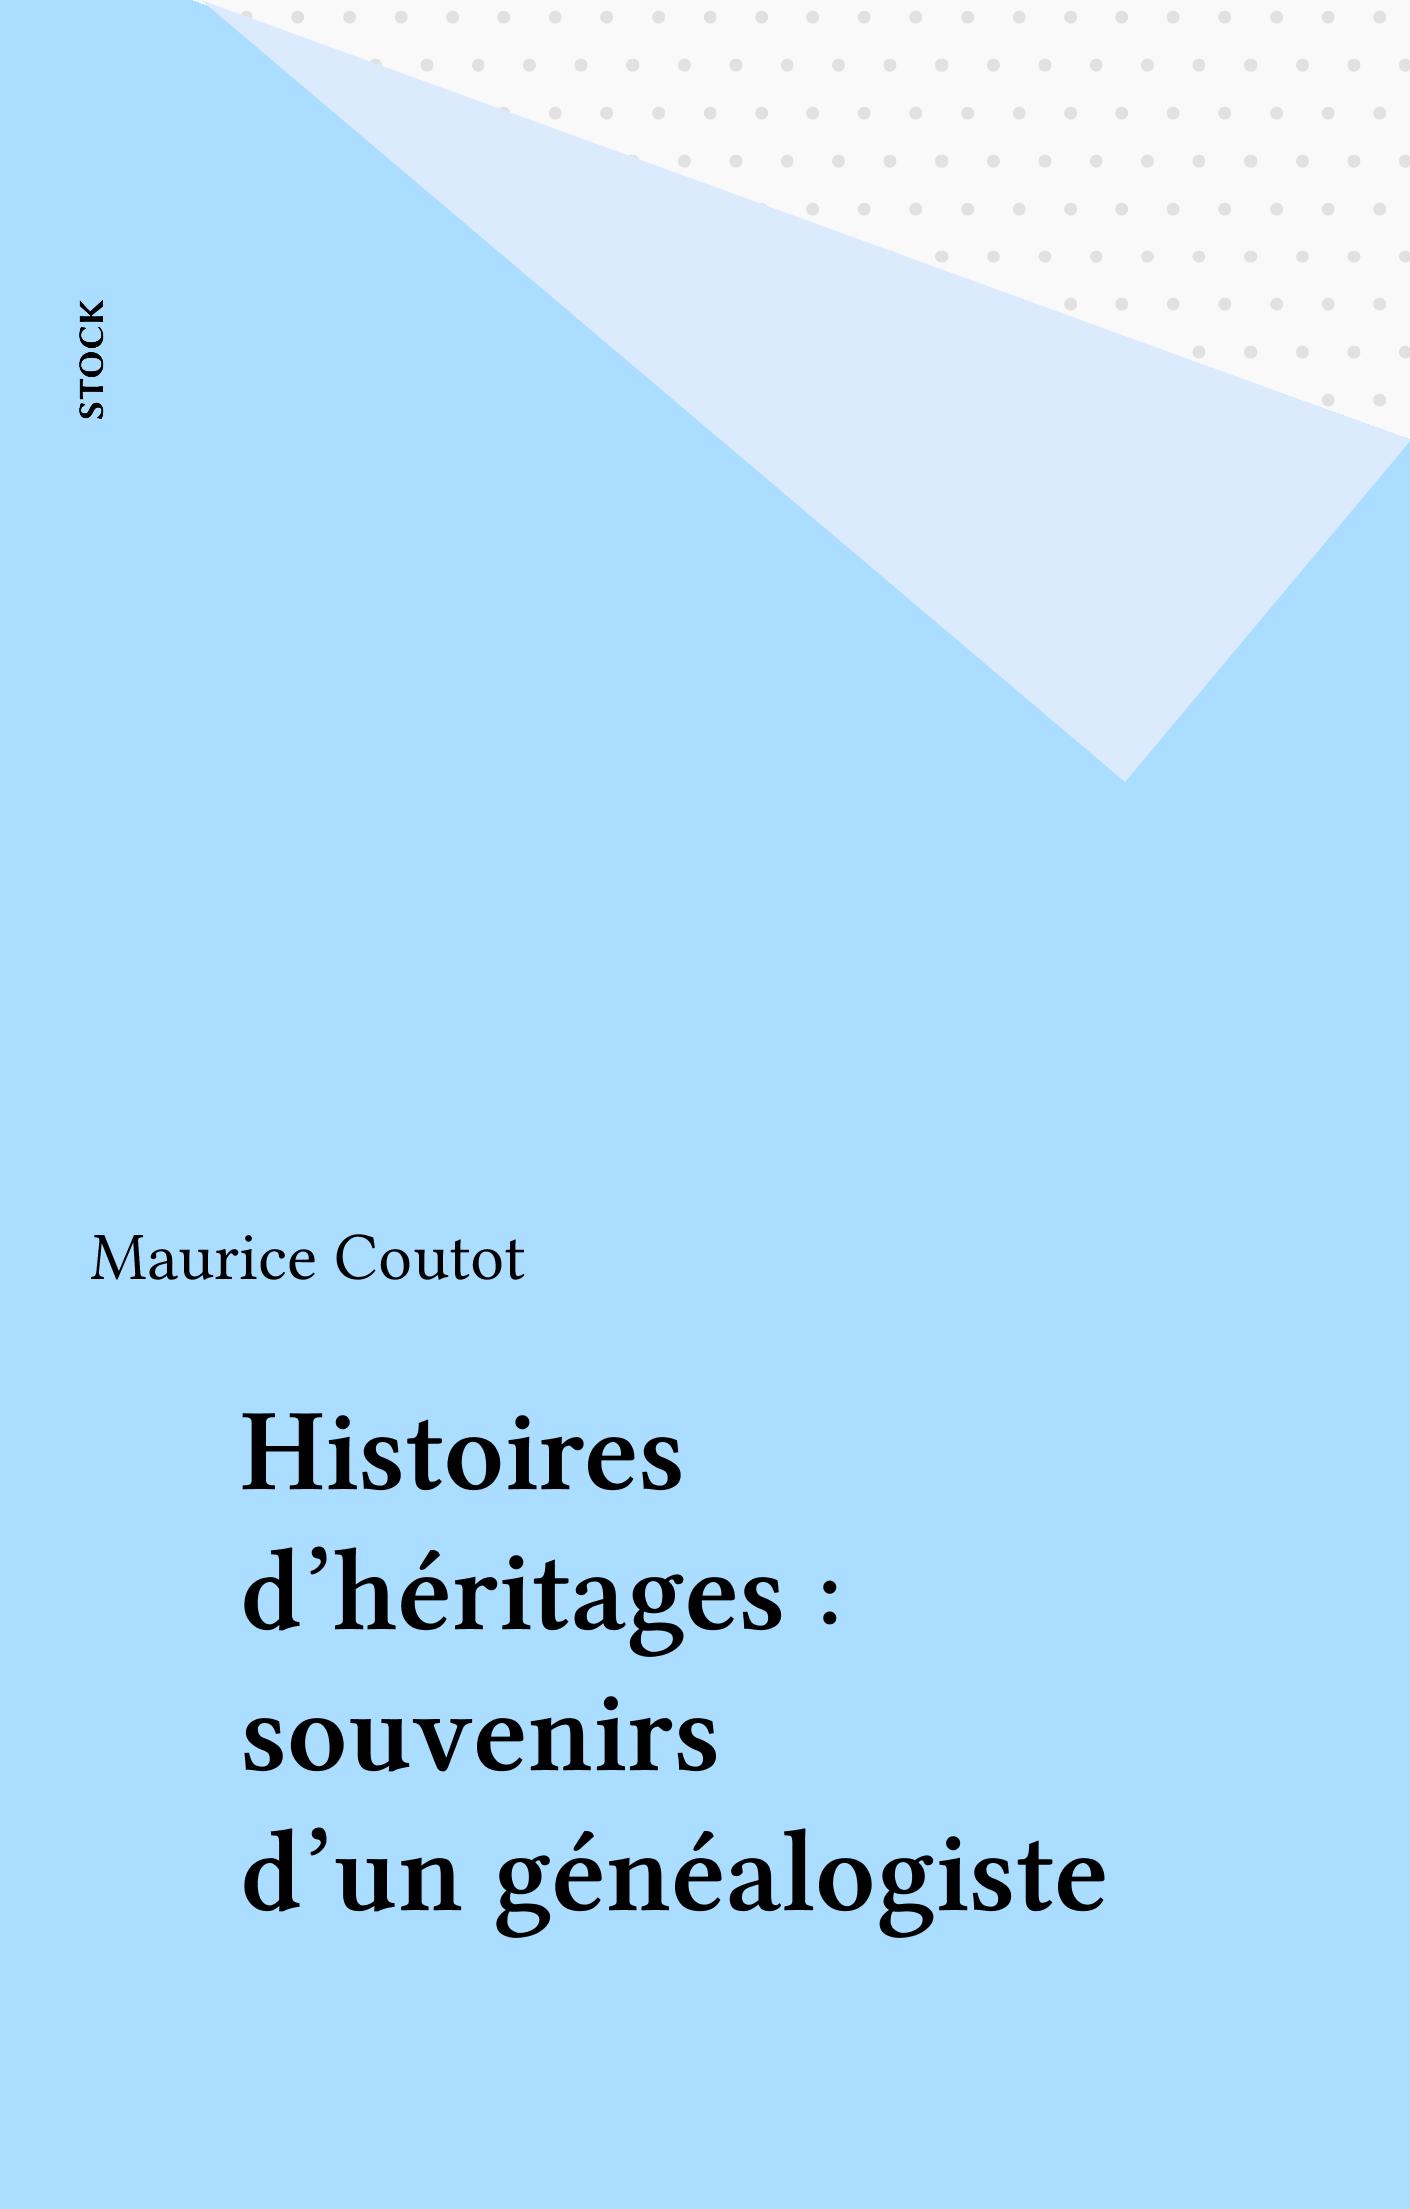 Histoires d'héritages : souvenirs d'un généalogiste